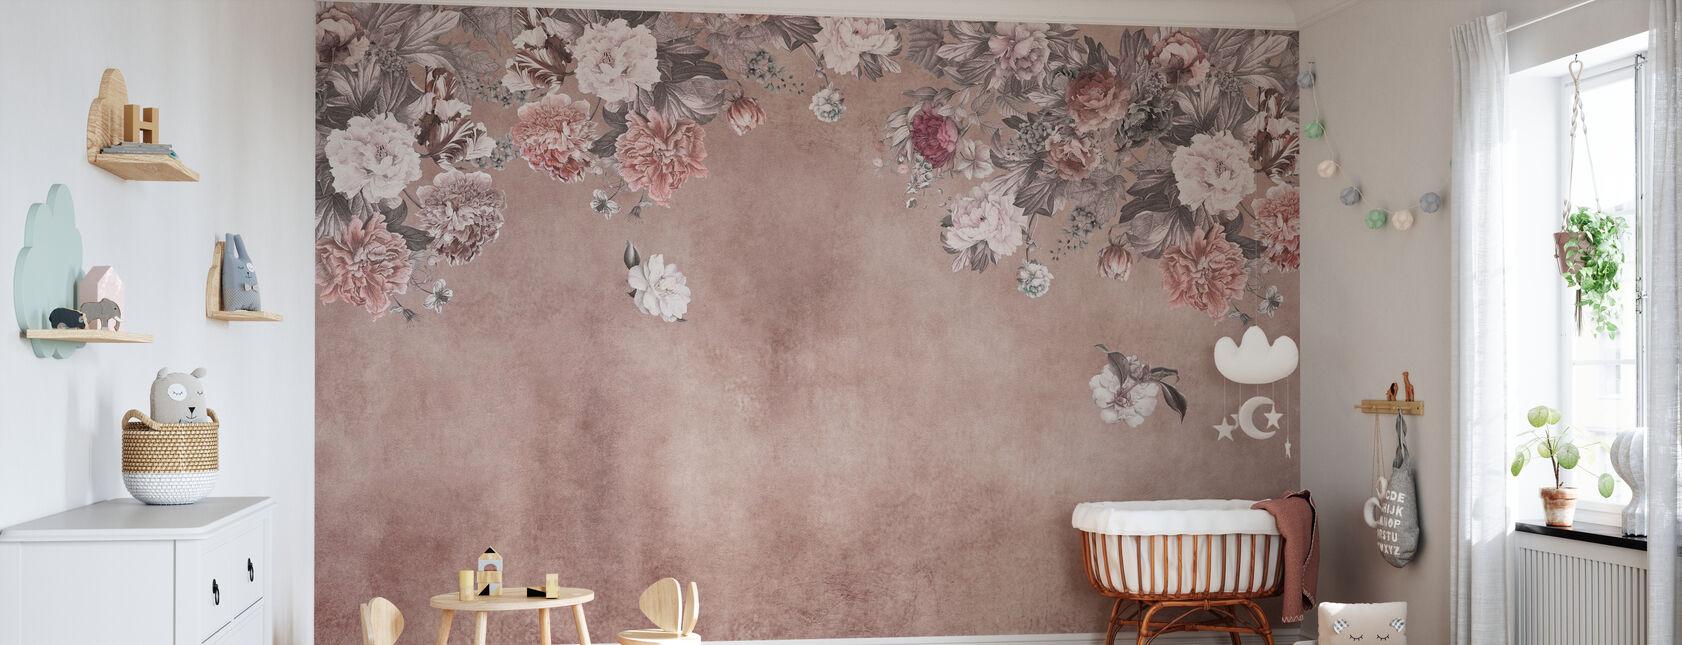 Vintage Blumenwand - Rosa - Tapete - Babyzimmer